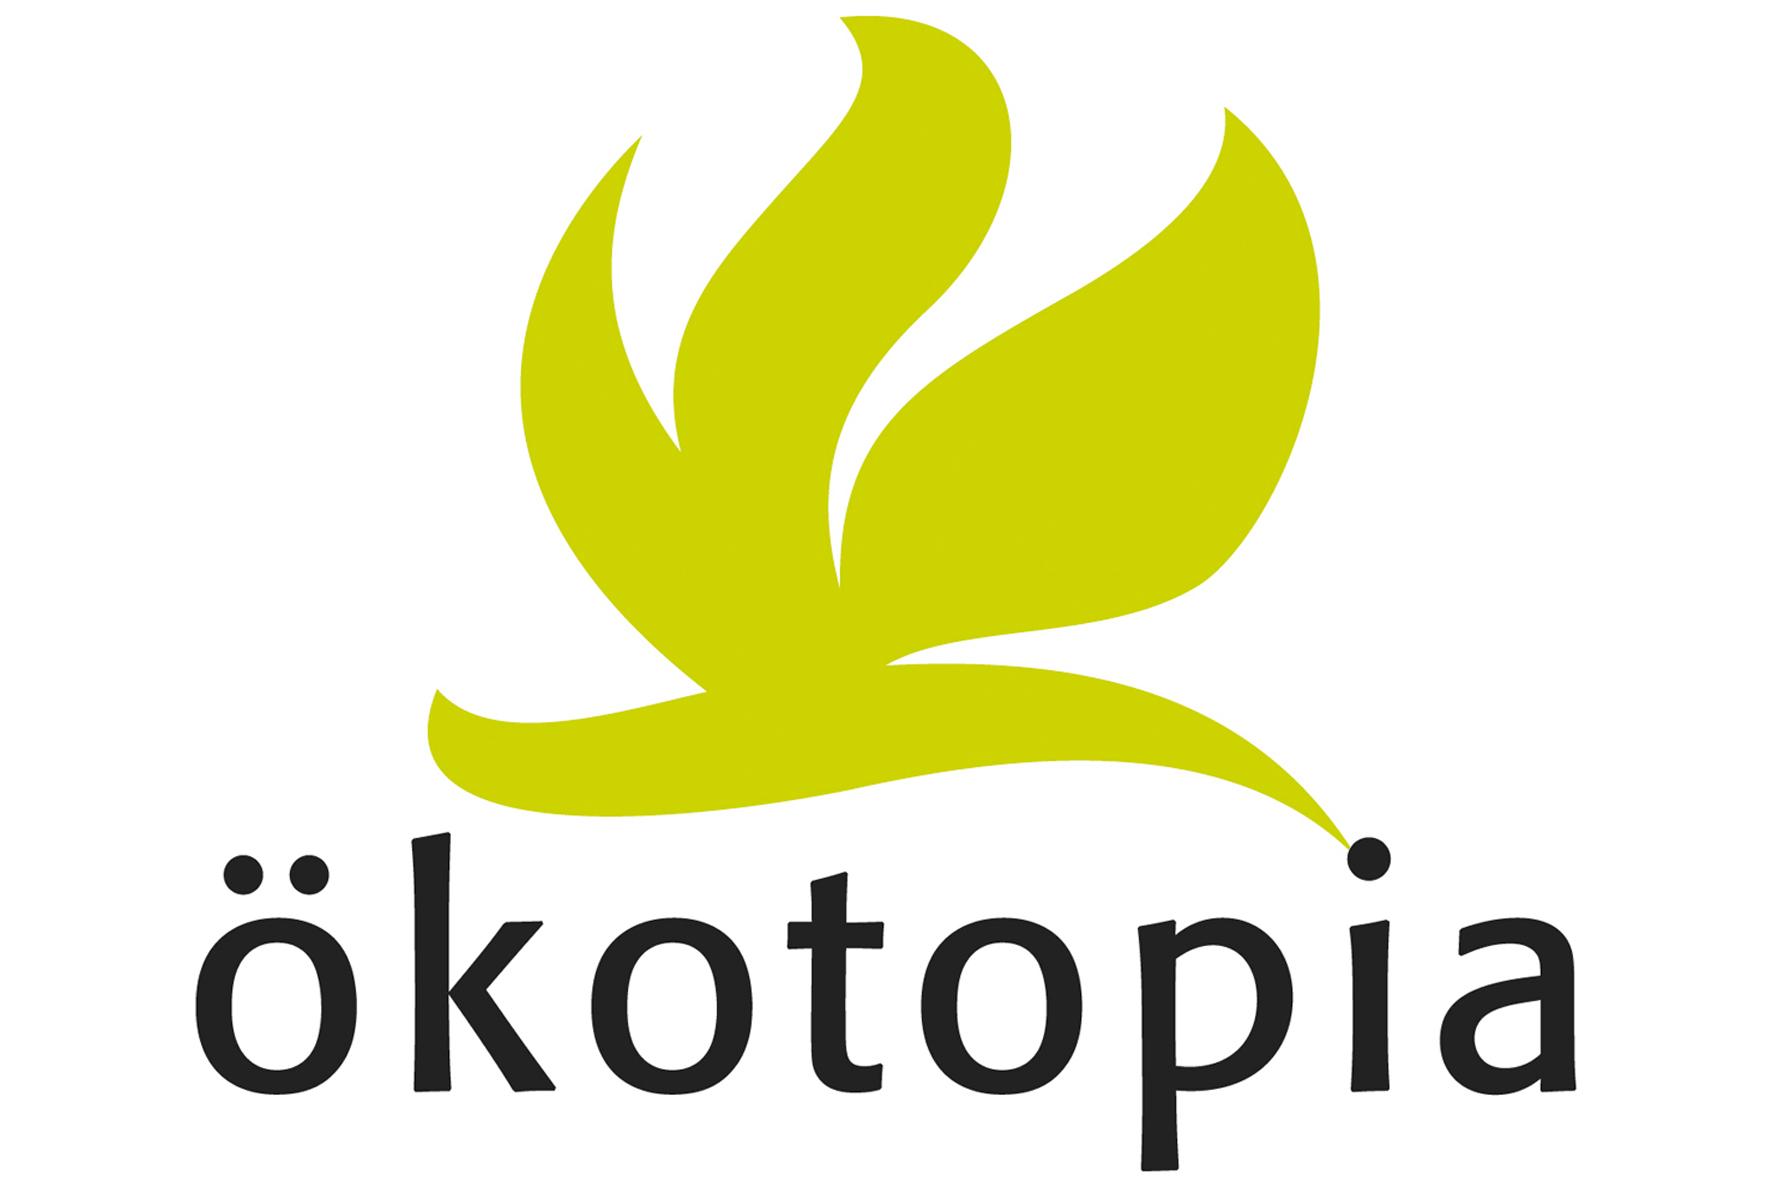 ökotopia